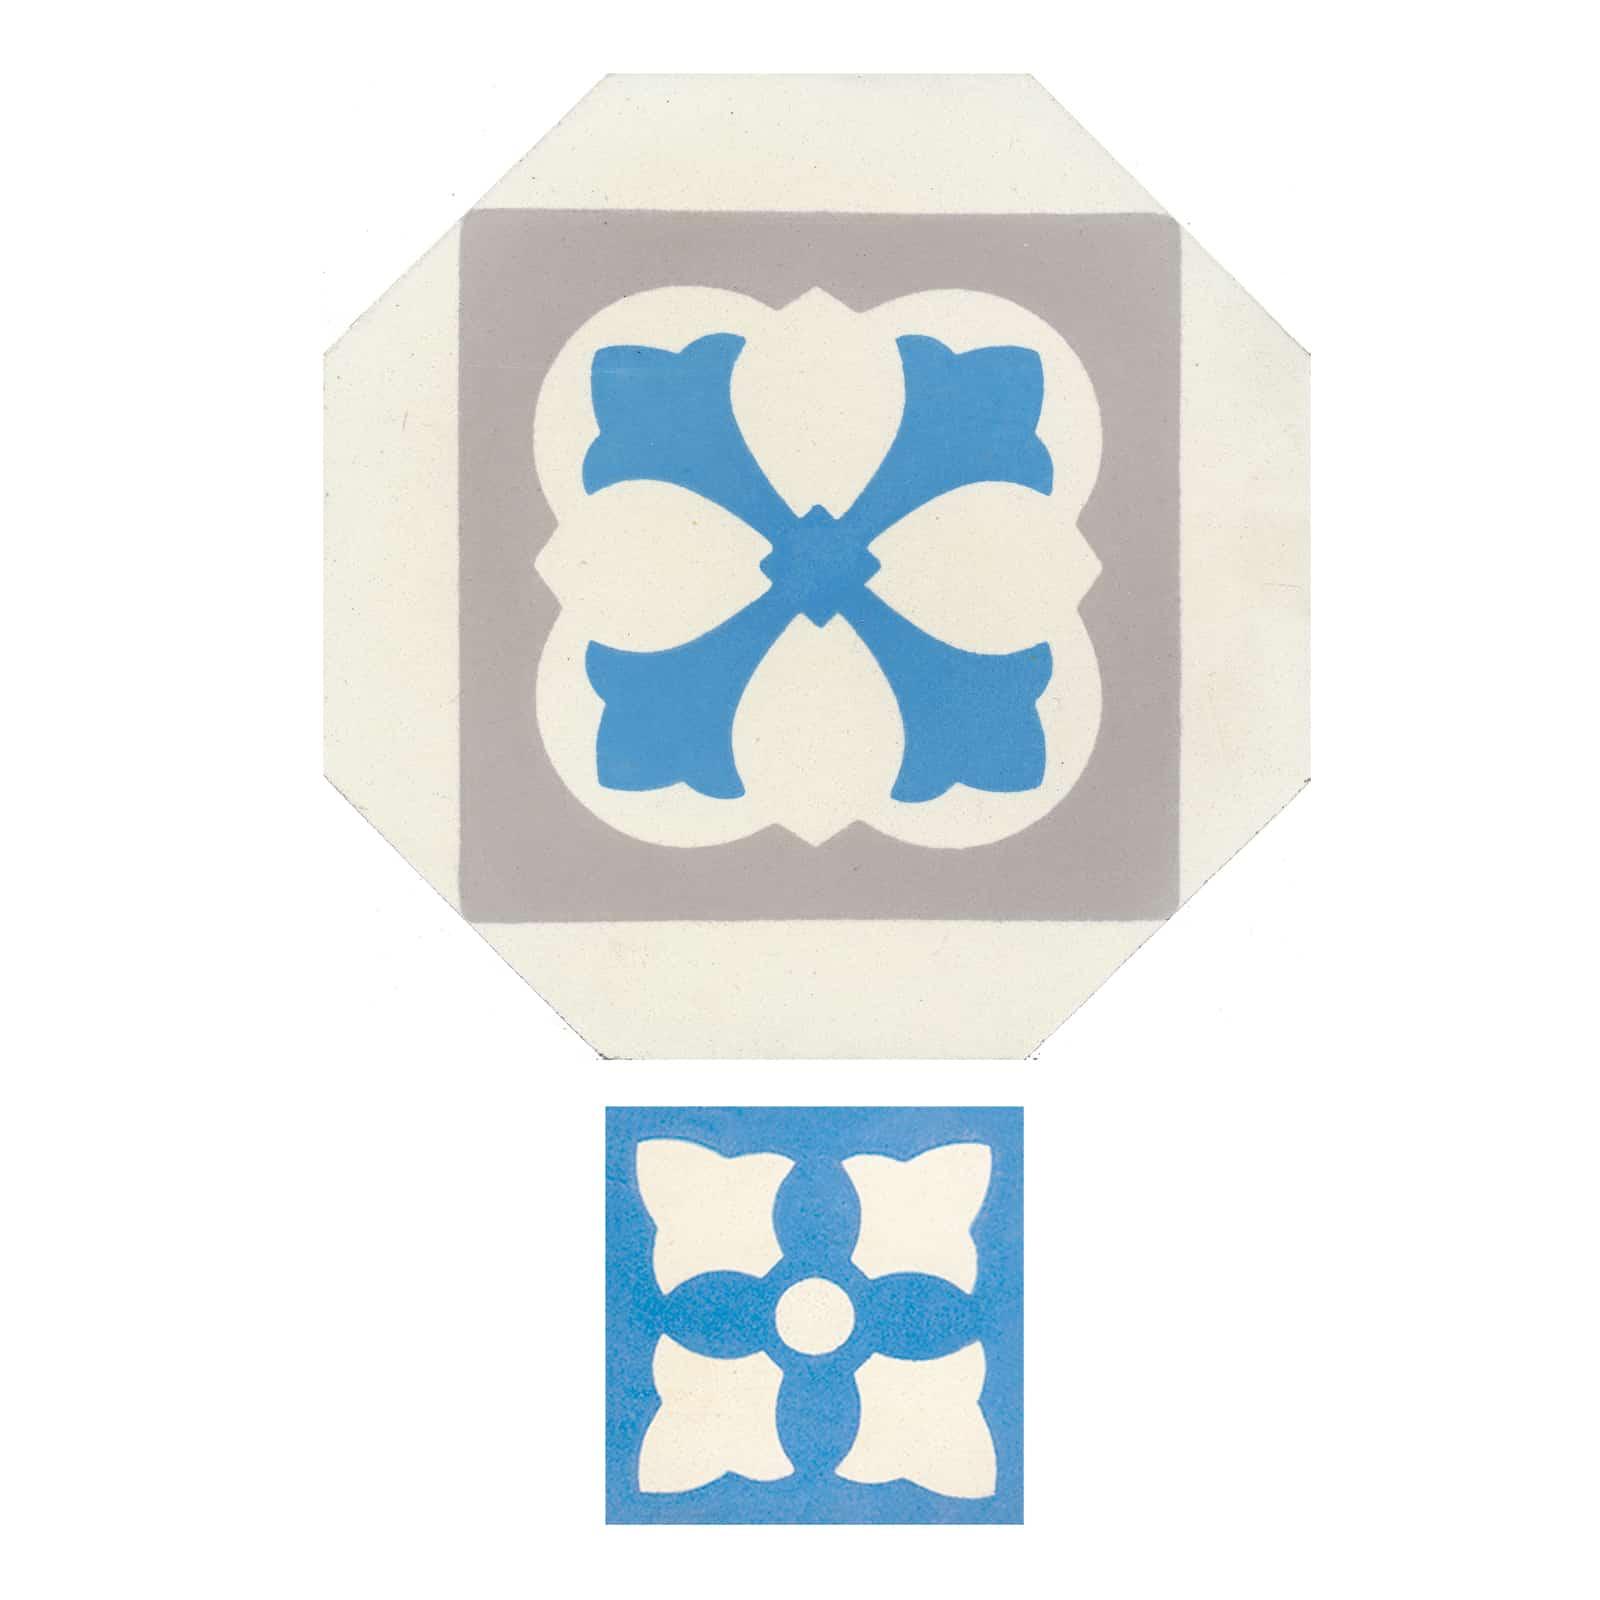 zementfliesen-achteck-nummer-51003-54003-viaplatten | 51003/169